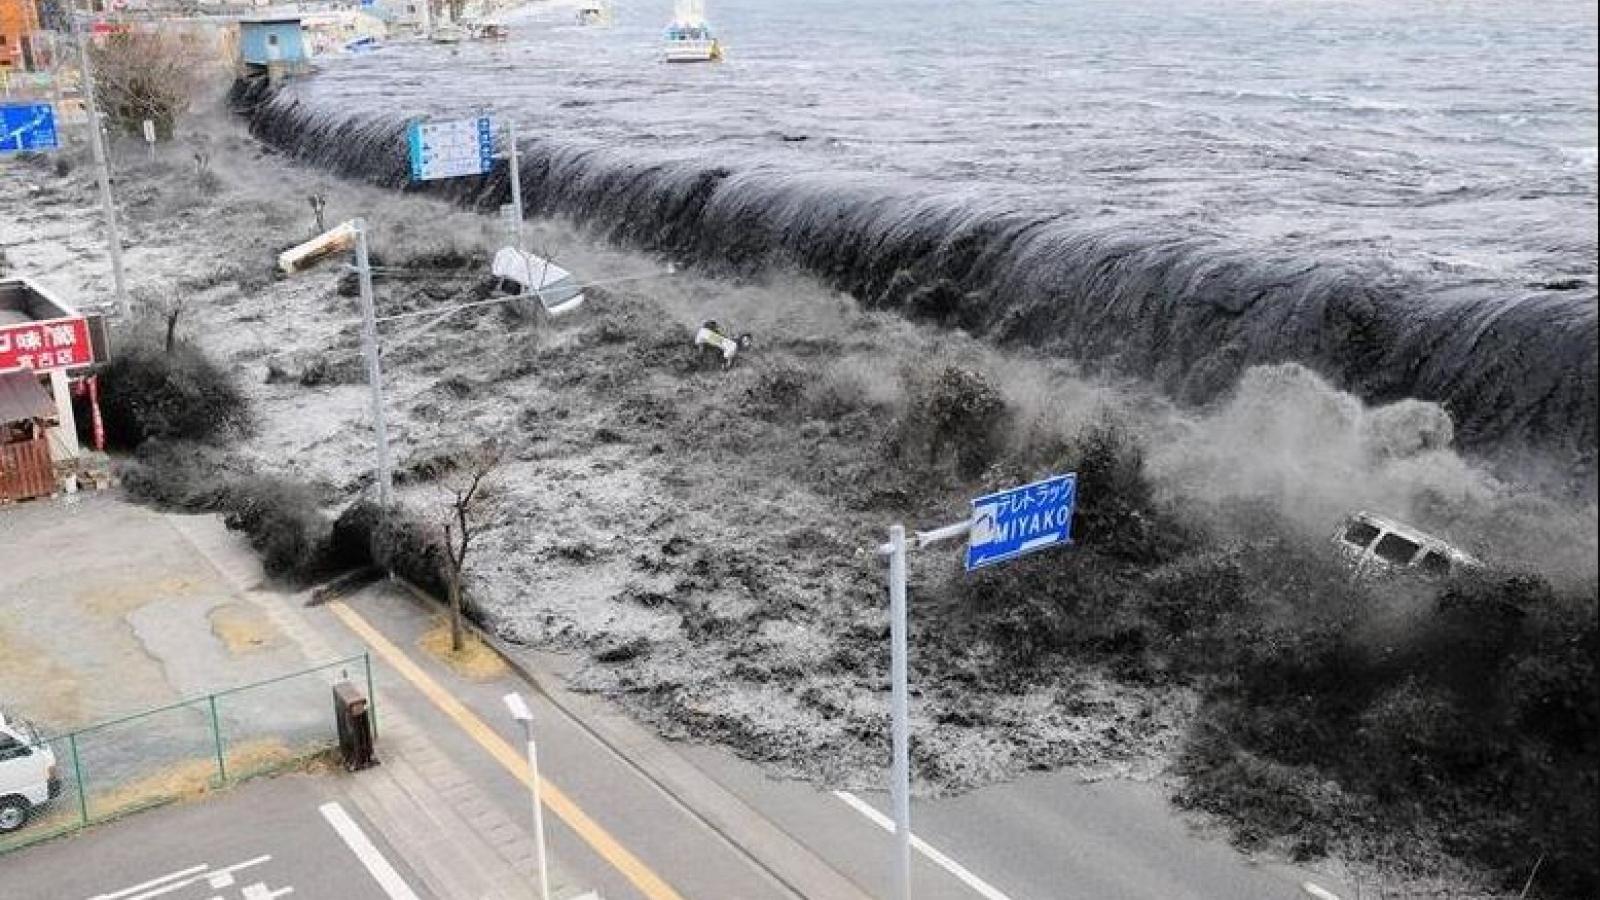 10 năm sau thảm họa kép: Nhật Bản vẫn gặp khó khăn trong ứng phó thảm họa?